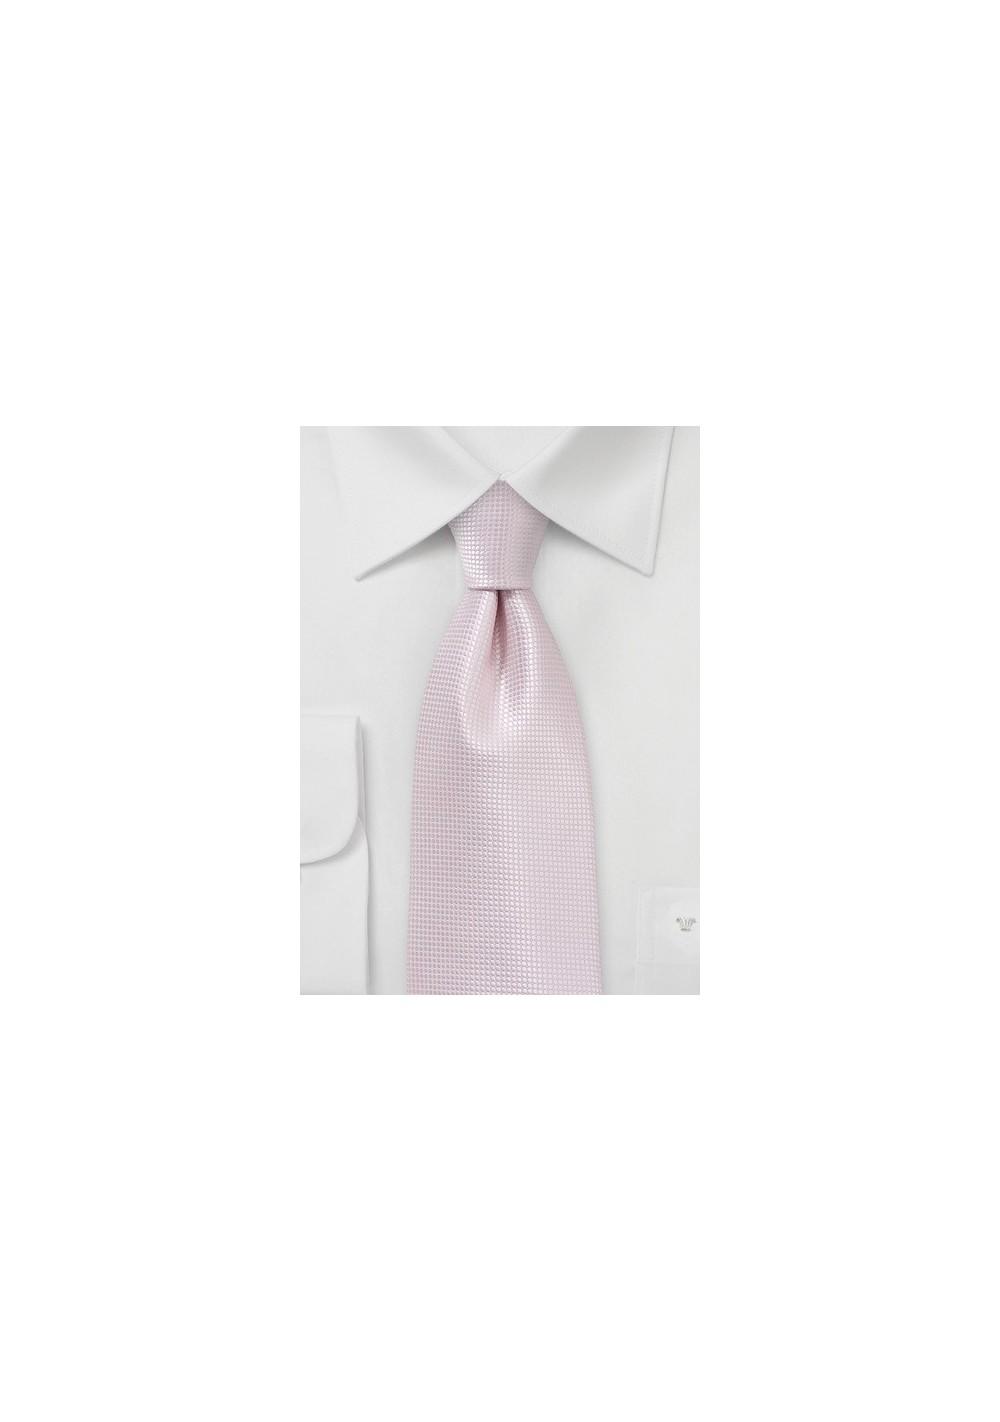 Elegant Wedding Tie in Blush Pink